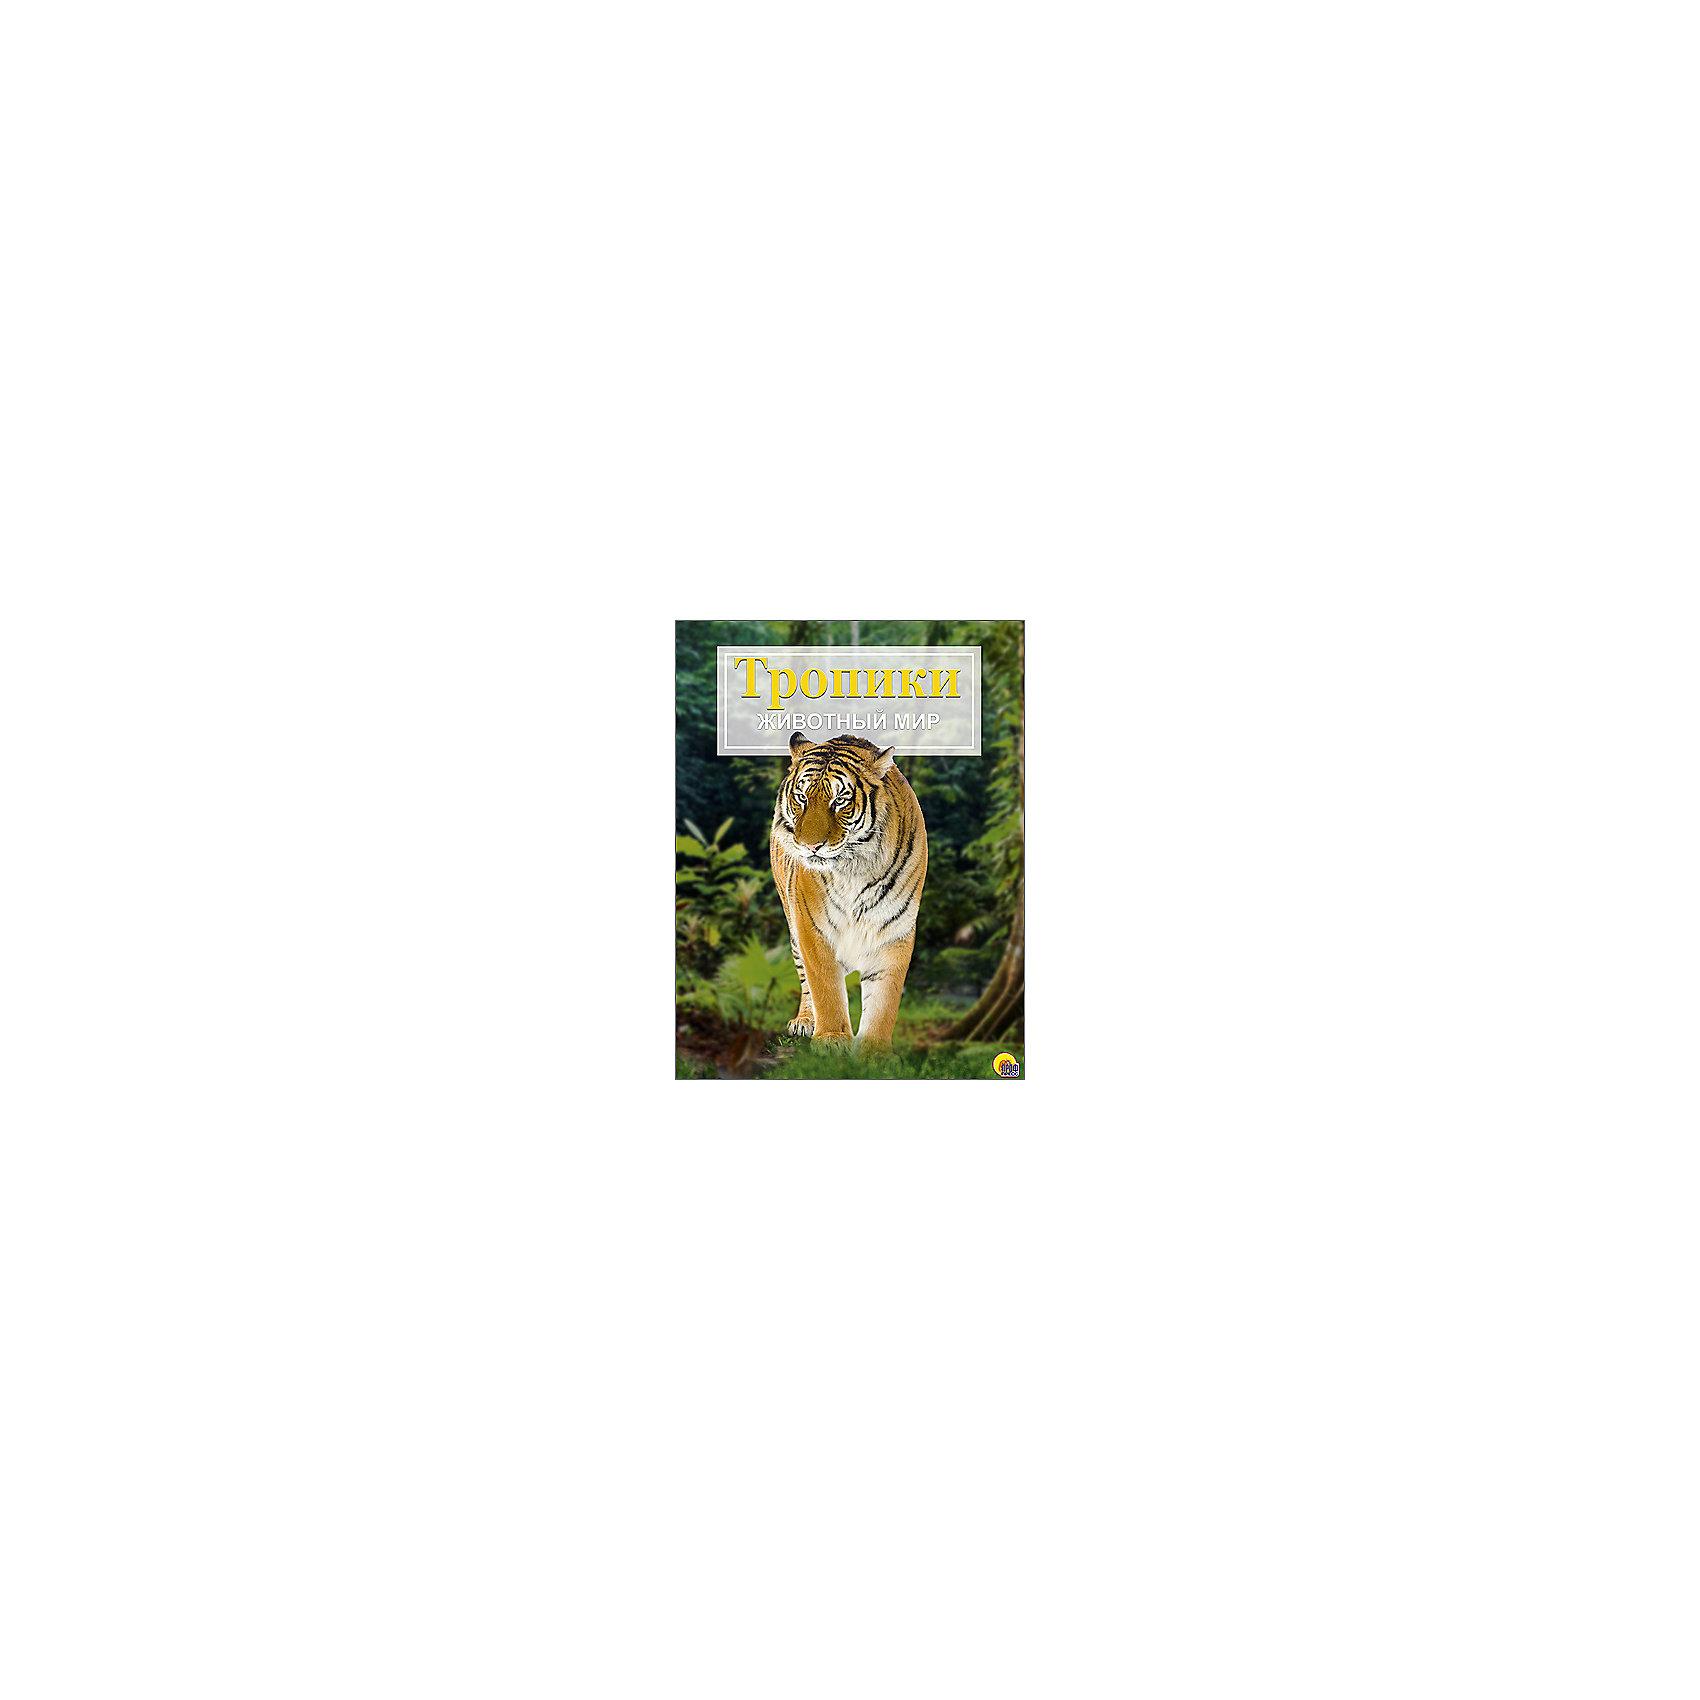 Энциклопедия Животный мир: ТропикиДетские энциклопедии<br>С познавательной энциклопедией Животный мир. Тропики ребенок сможет узнать о животных, которые обитают в тропиках. Натуралистические рисунки и карты-врезки помогут понять где обитает животное, которое заинтересовало ребенка. Для удобства изучения в книге предусмотрены алфавитный указатель, словарь, фотографии и карта климатических поясов. С этой книгой ребенку будет приятно и интересно узнавать окружающий мир!<br>Дополнительная информация:<br>Издательство: Проф-Пресс<br>Год выпуска: 2016<br>Обложка: твердый переплет<br>Иллюстрации: цветные<br>Количество страниц: 48<br>ISBN:978-5-378-21450-1<br>Размер: 16,5х1х23,5 см<br>Вес: 508 грамм<br>Энциклопедию Животный мир. Тропики вы можете купить в нашем интернет-магазине.<br><br>Ширина мм: 235<br>Глубина мм: 10<br>Высота мм: 165<br>Вес г: 508<br>Возраст от месяцев: 72<br>Возраст до месяцев: 36<br>Пол: Унисекс<br>Возраст: Детский<br>SKU: 4905937